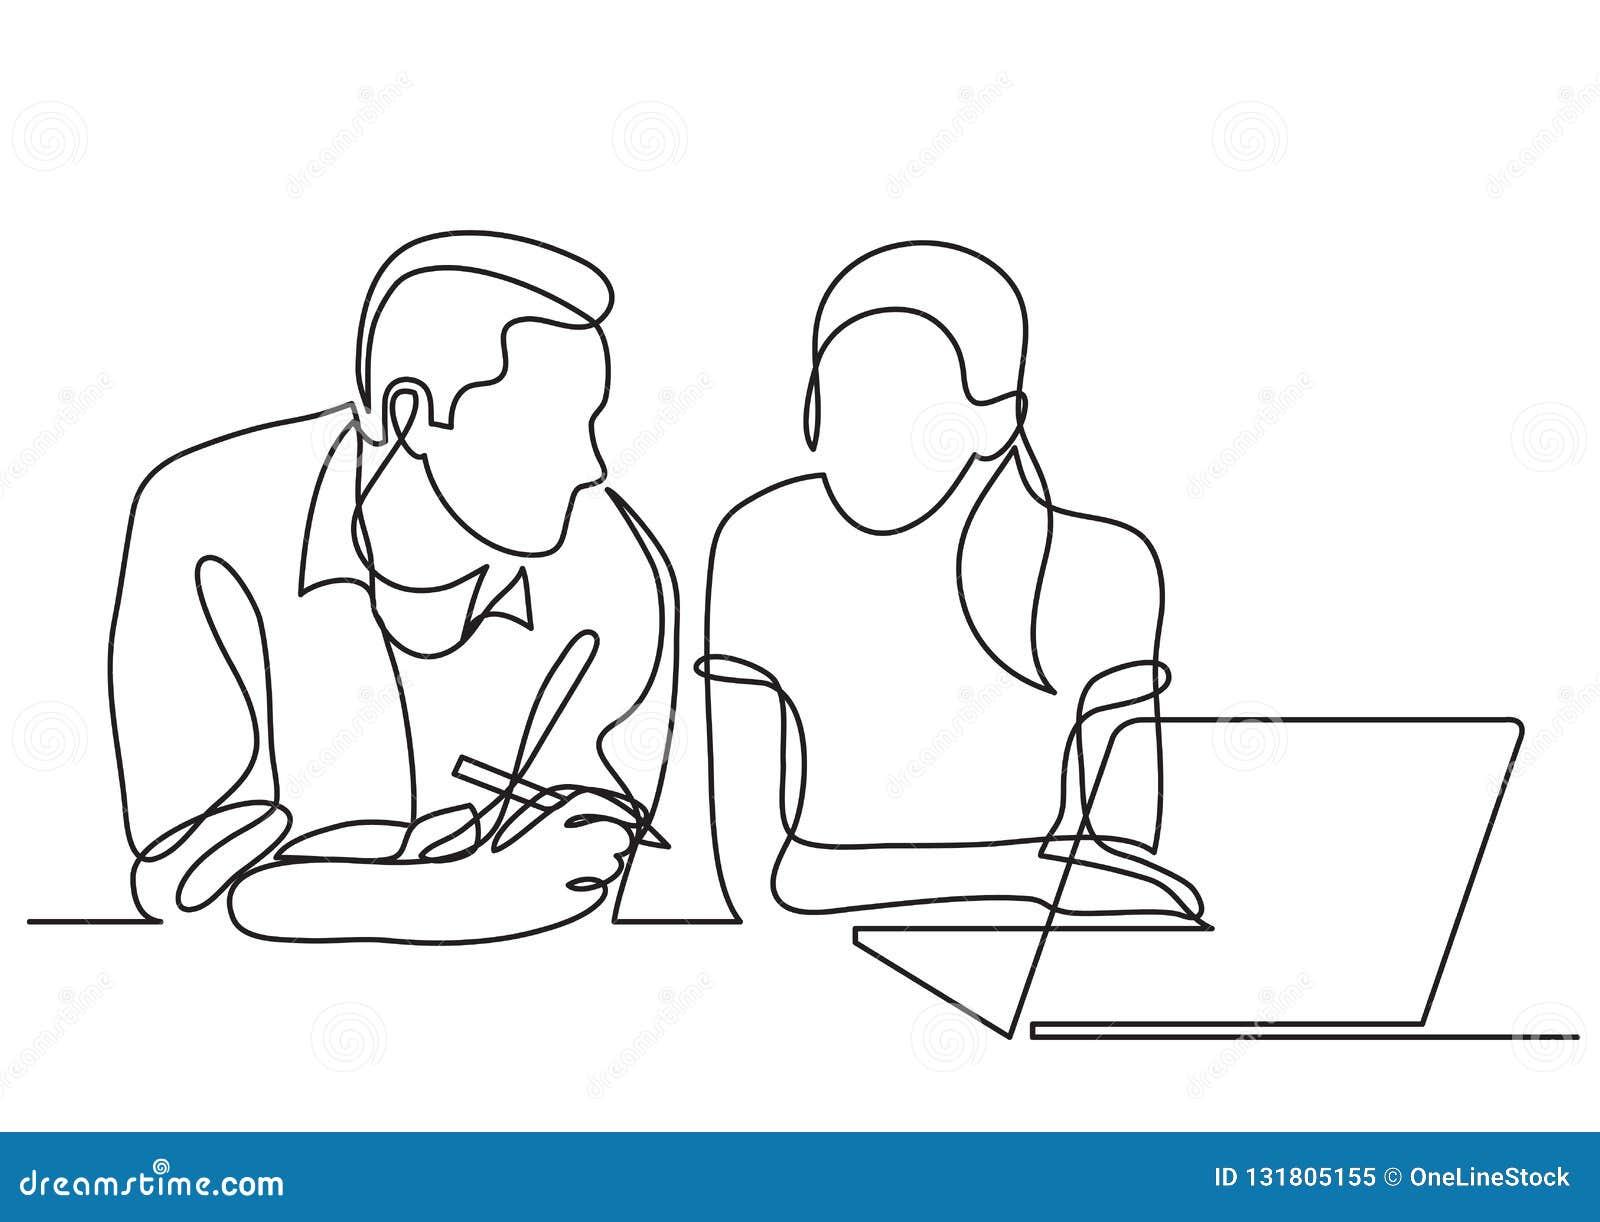 Un disegno a tratteggio continuo di una conversazione di due colleghe